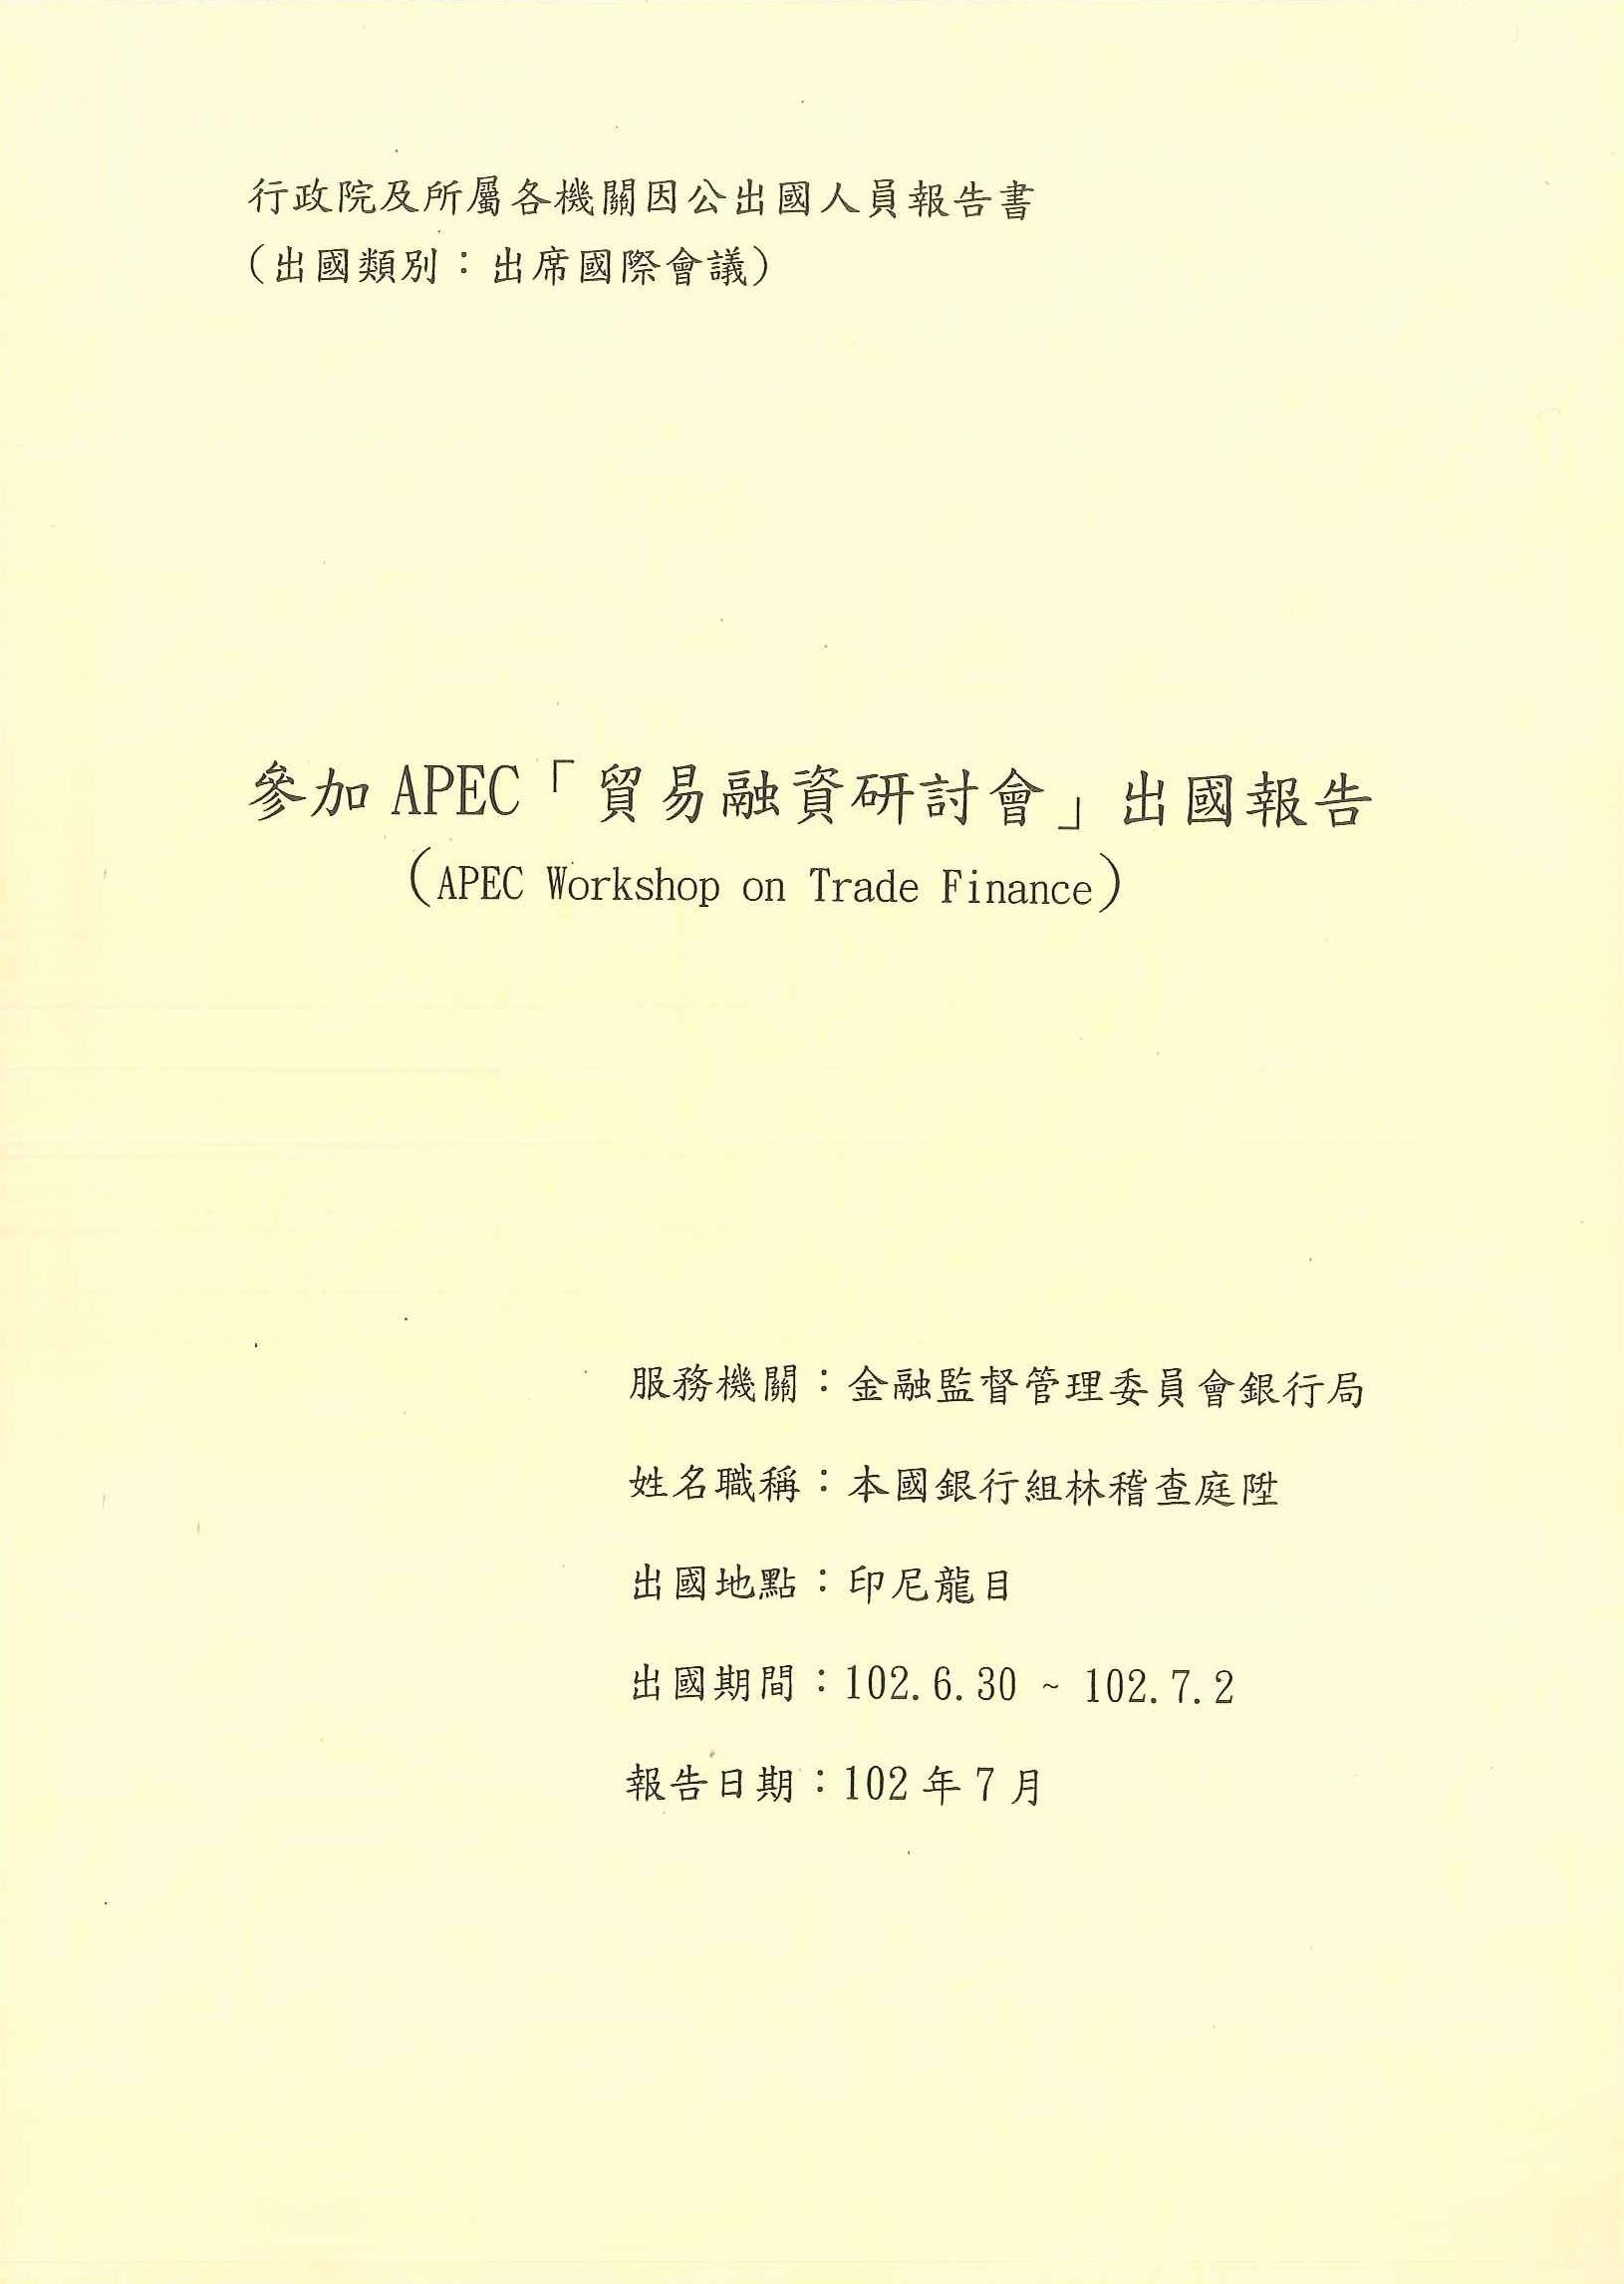 參加APEC「貿易融資研討會」出國報告=APEC workshop on trade finance